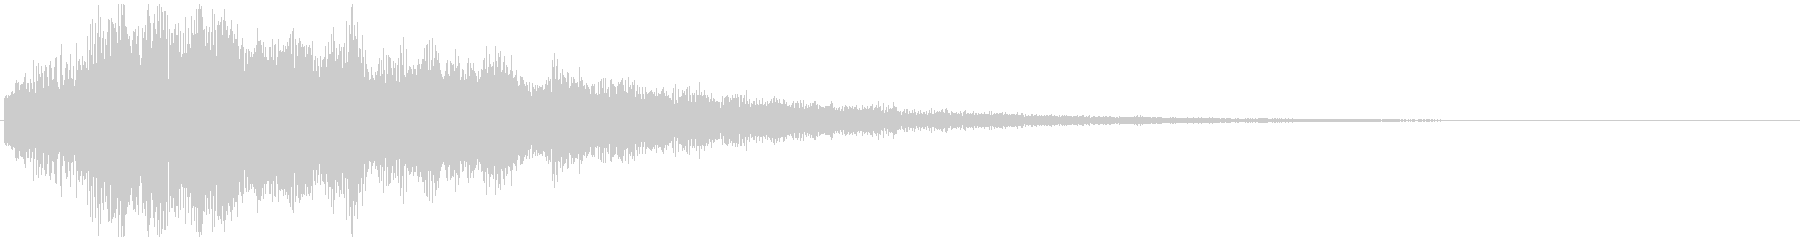 8秒間の、明るい雰囲気なシンセベル音の未再生の波形